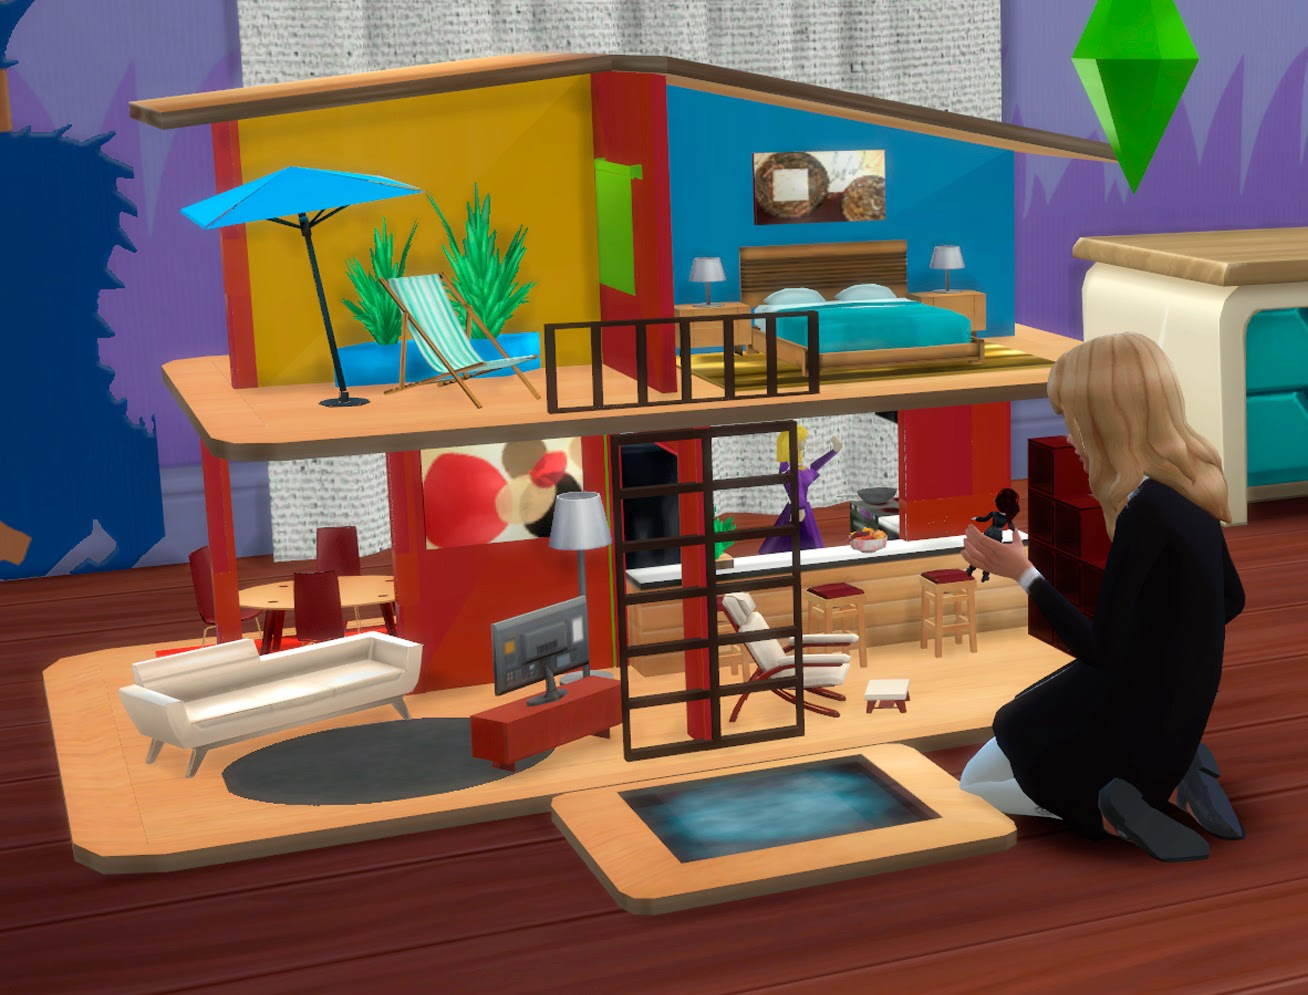 jugar los sims 2 online: